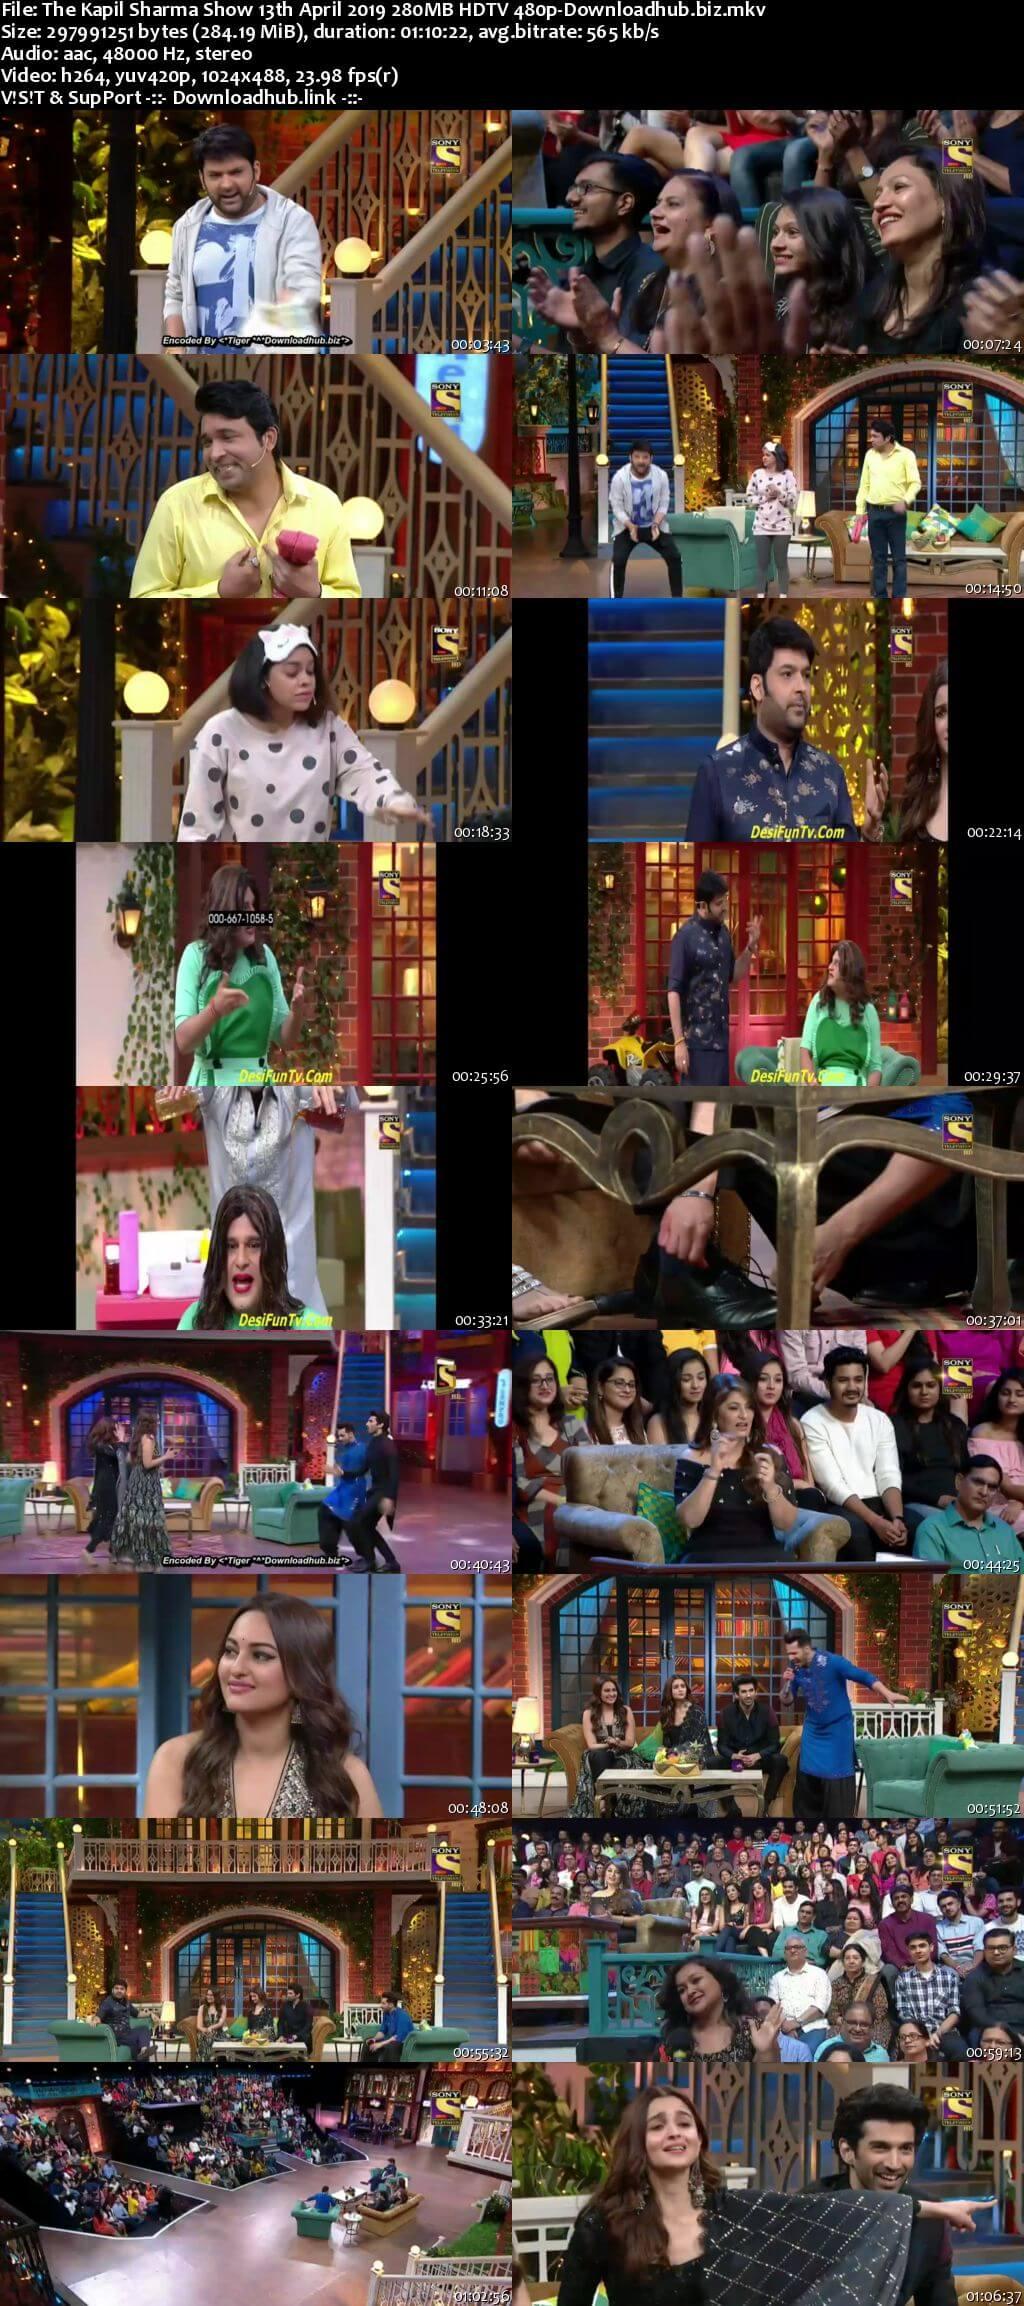 The Kapil Sharma Show 13 April 2019 Episode 31 HDTV 480p